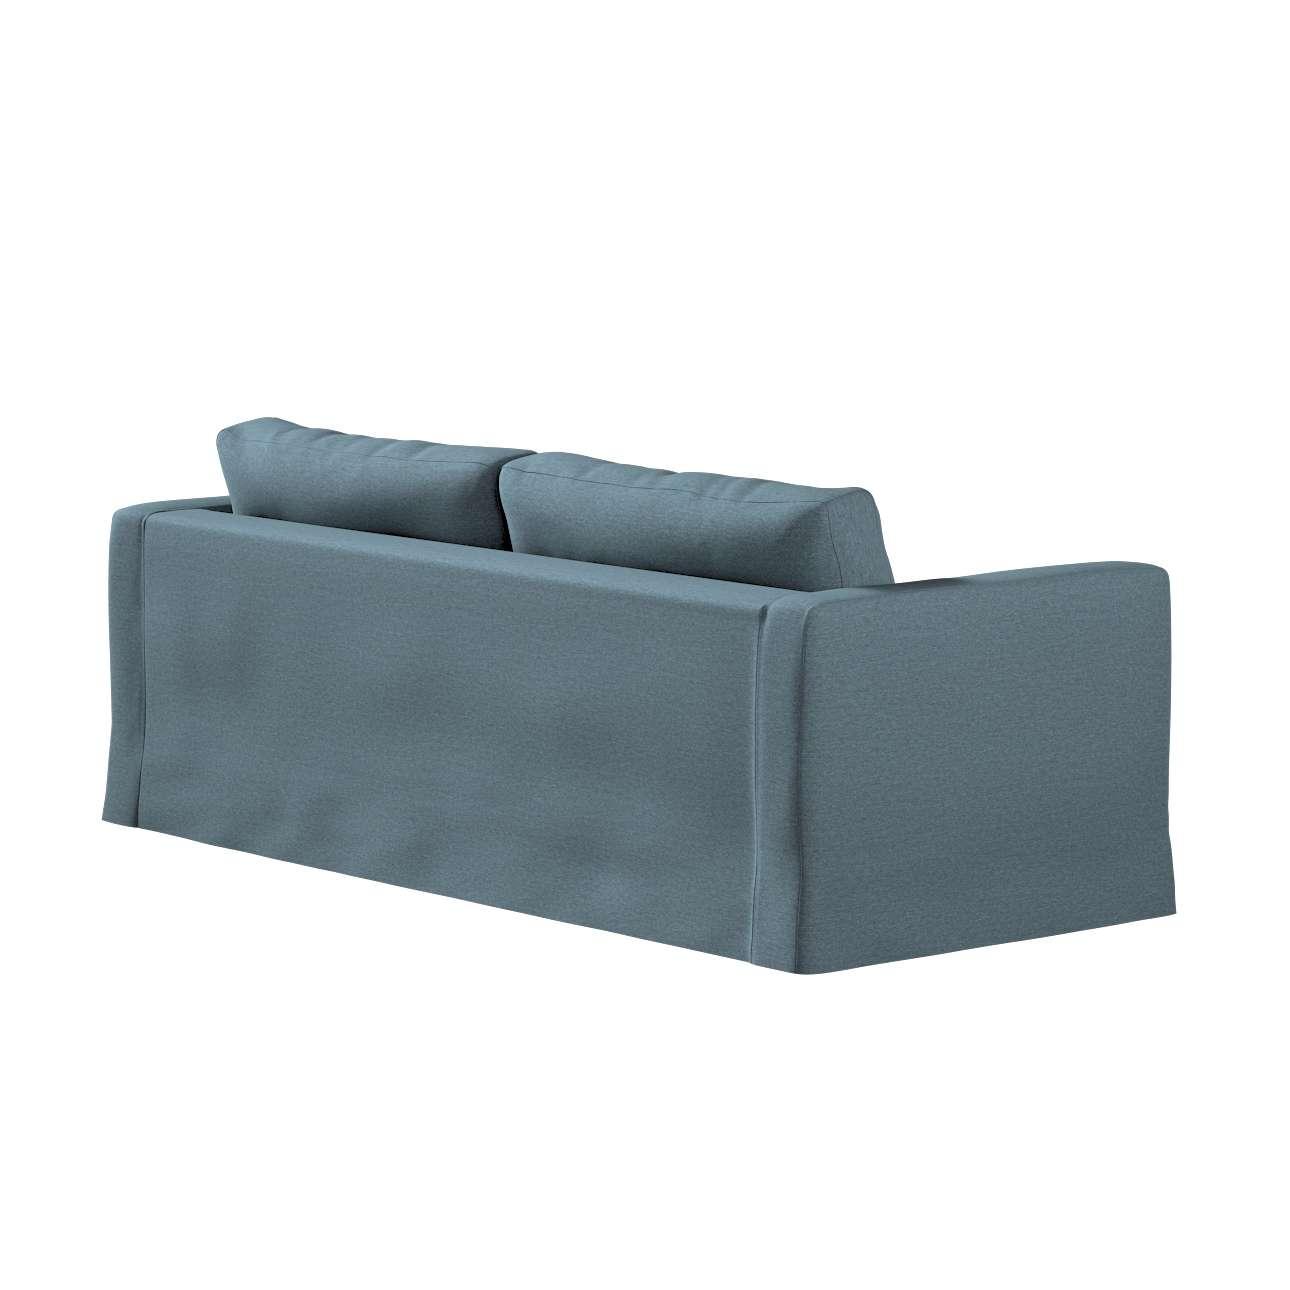 Potah na pohovku IKEA  Karlstad 3-místná, nerozkládací, dlouhý v kolekci Madrid, látka: 161-90